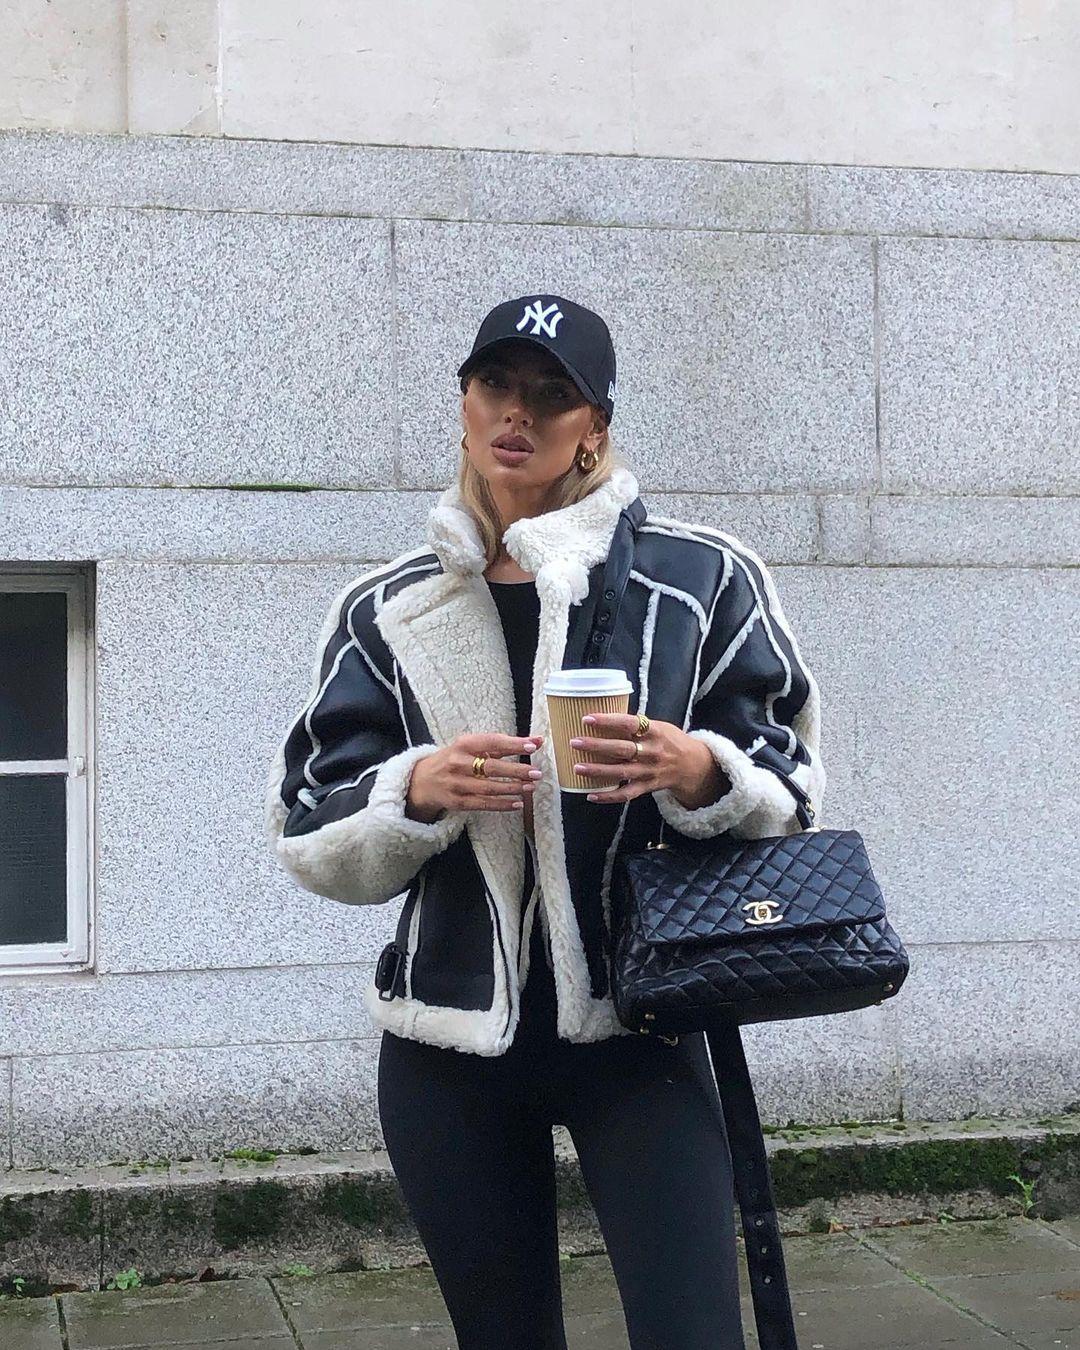 Jess-Hunt-Wallpapers-Insta-Fit-Bio-6